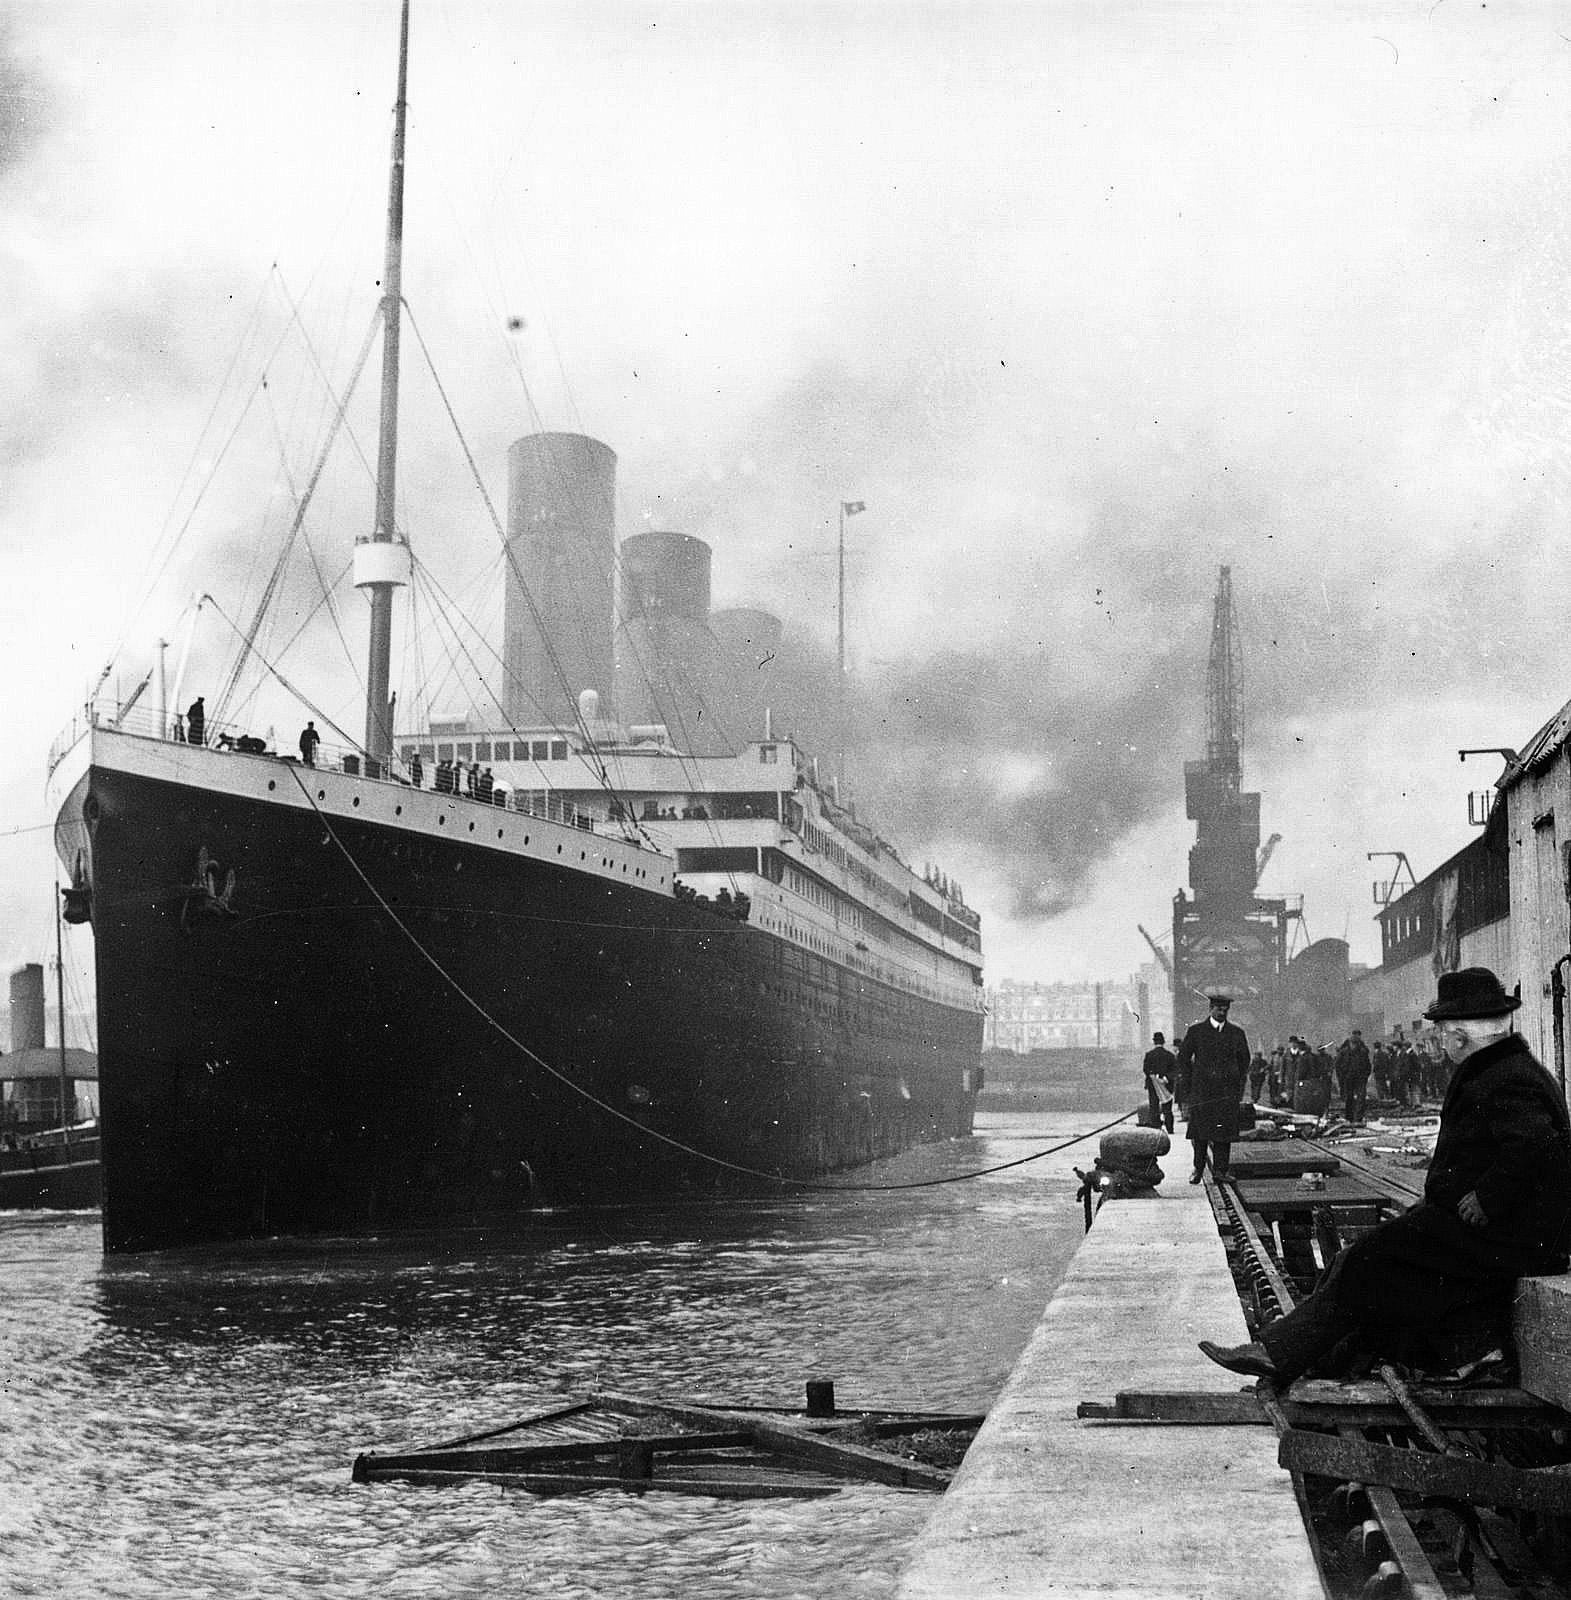 Le Titanic le jour de son départ (image tirée de Wikimedia Commons)